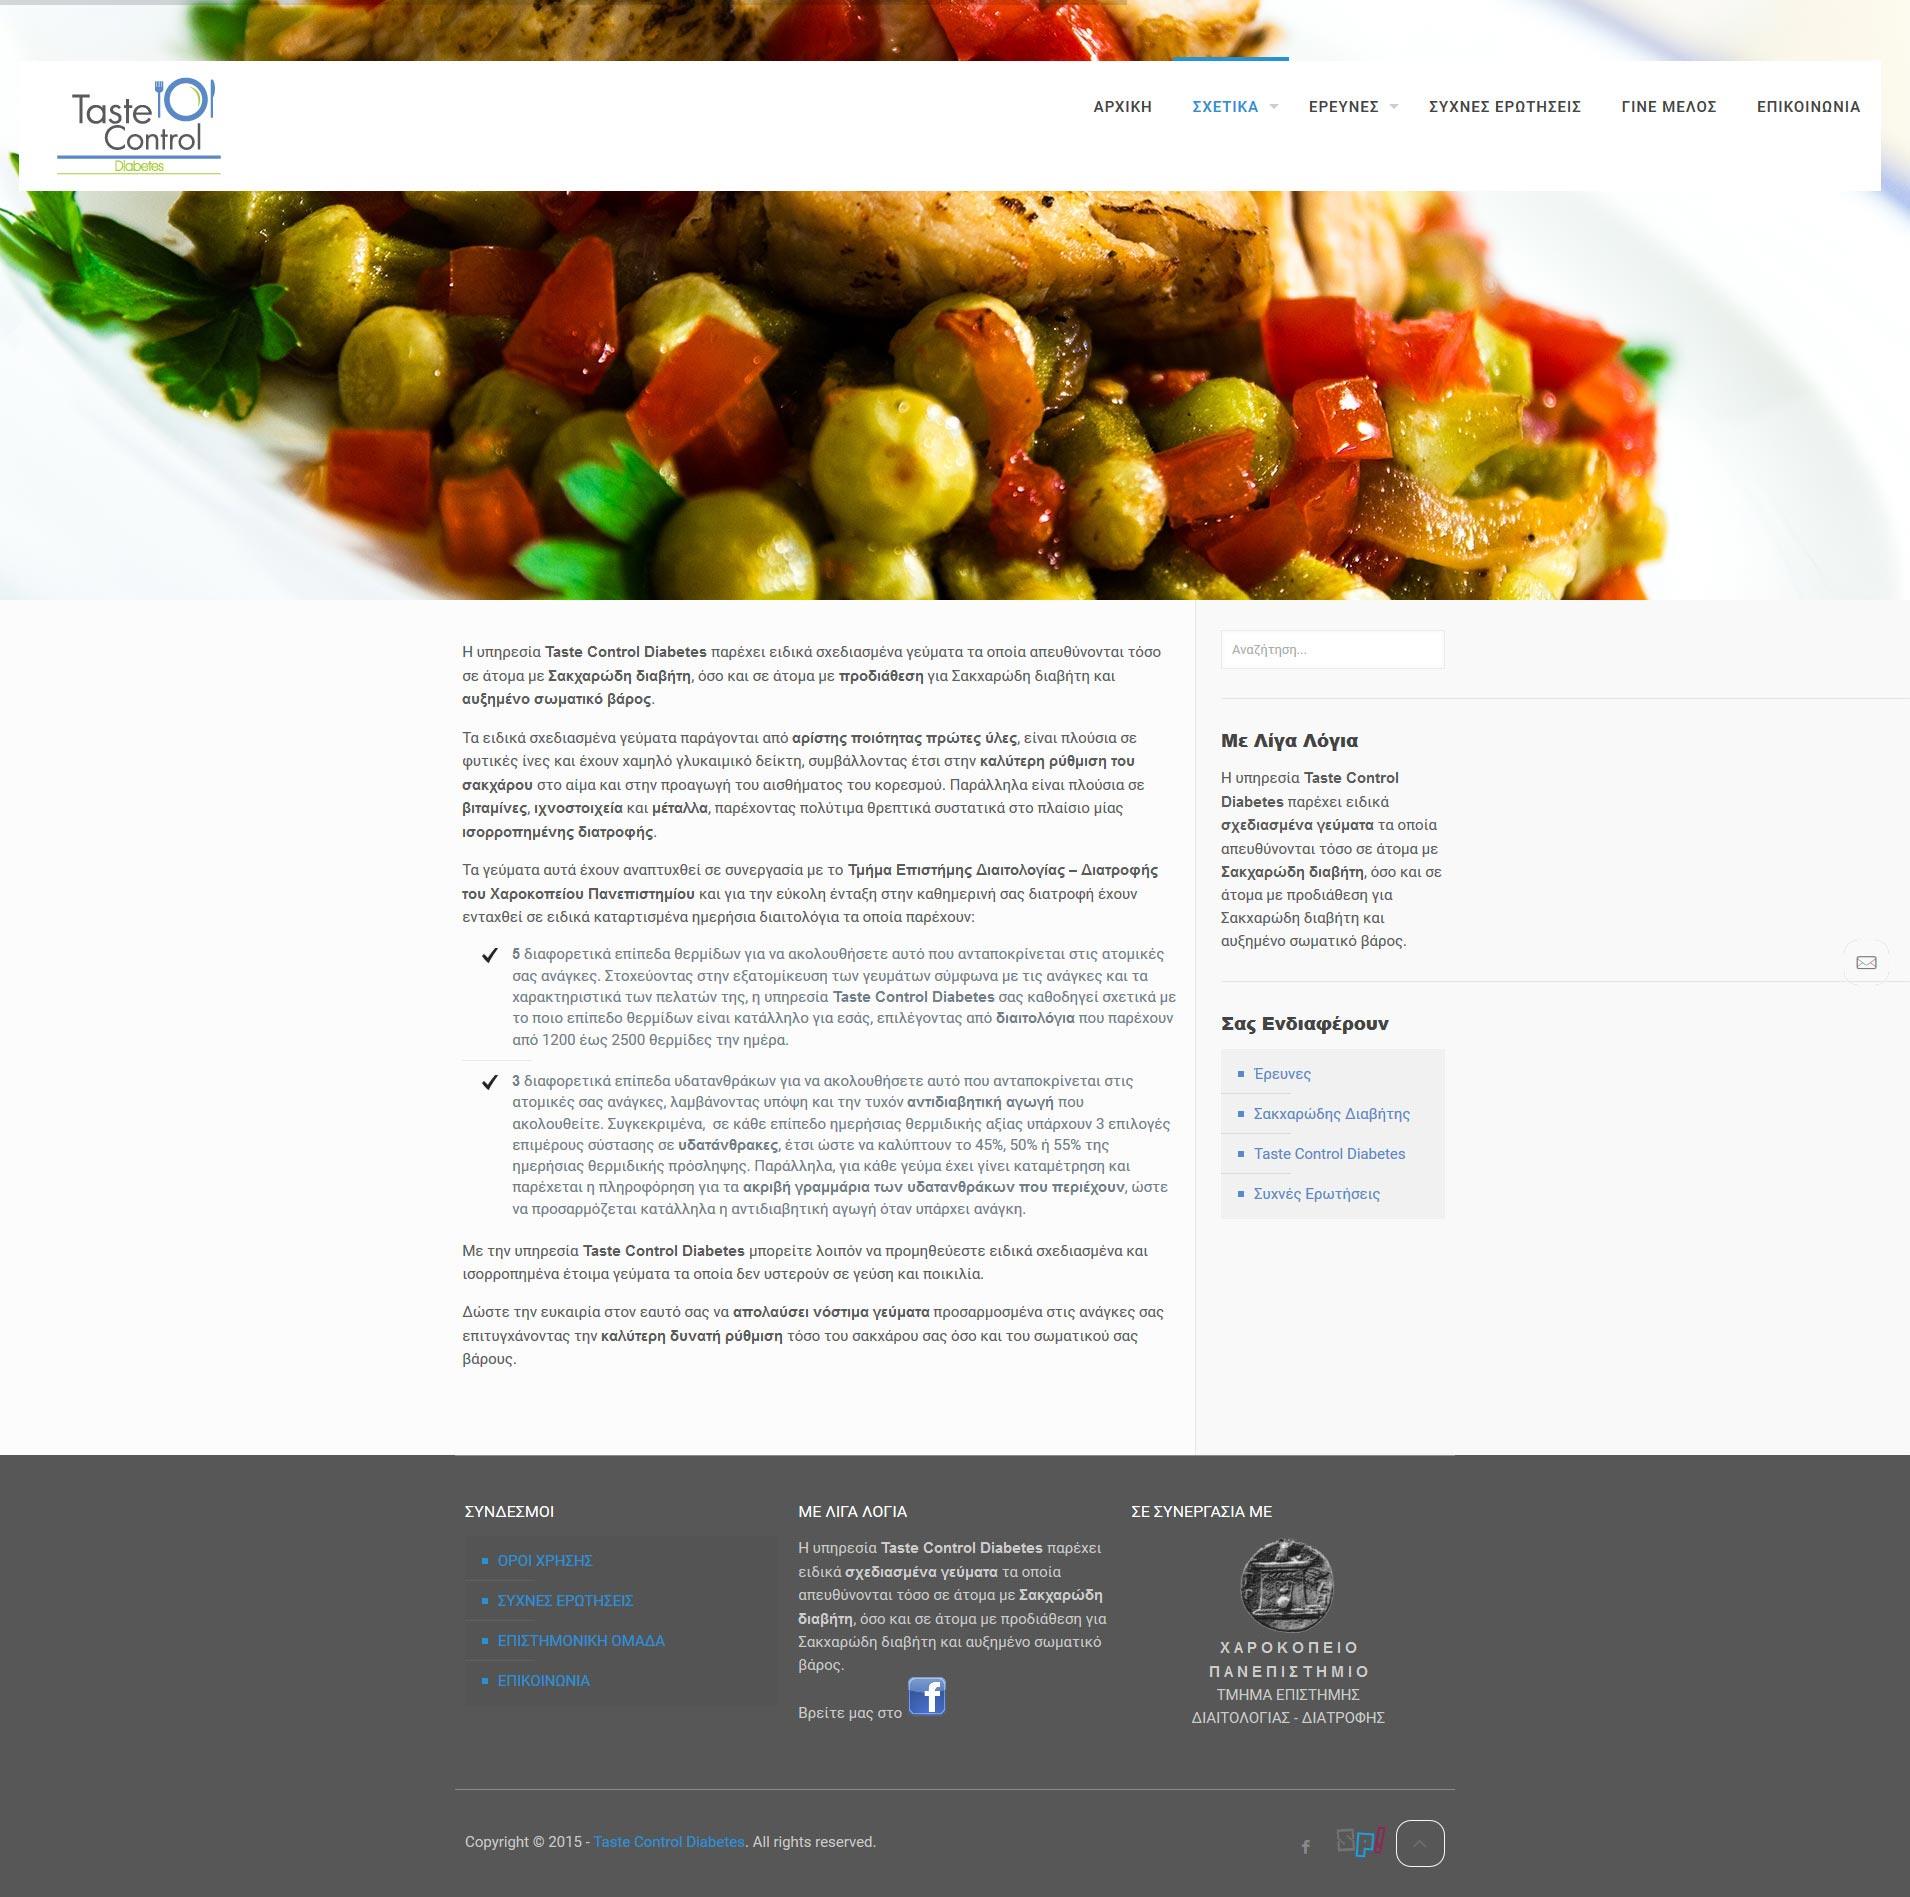 serialpixels-tastecontrol-diabetes-tcd